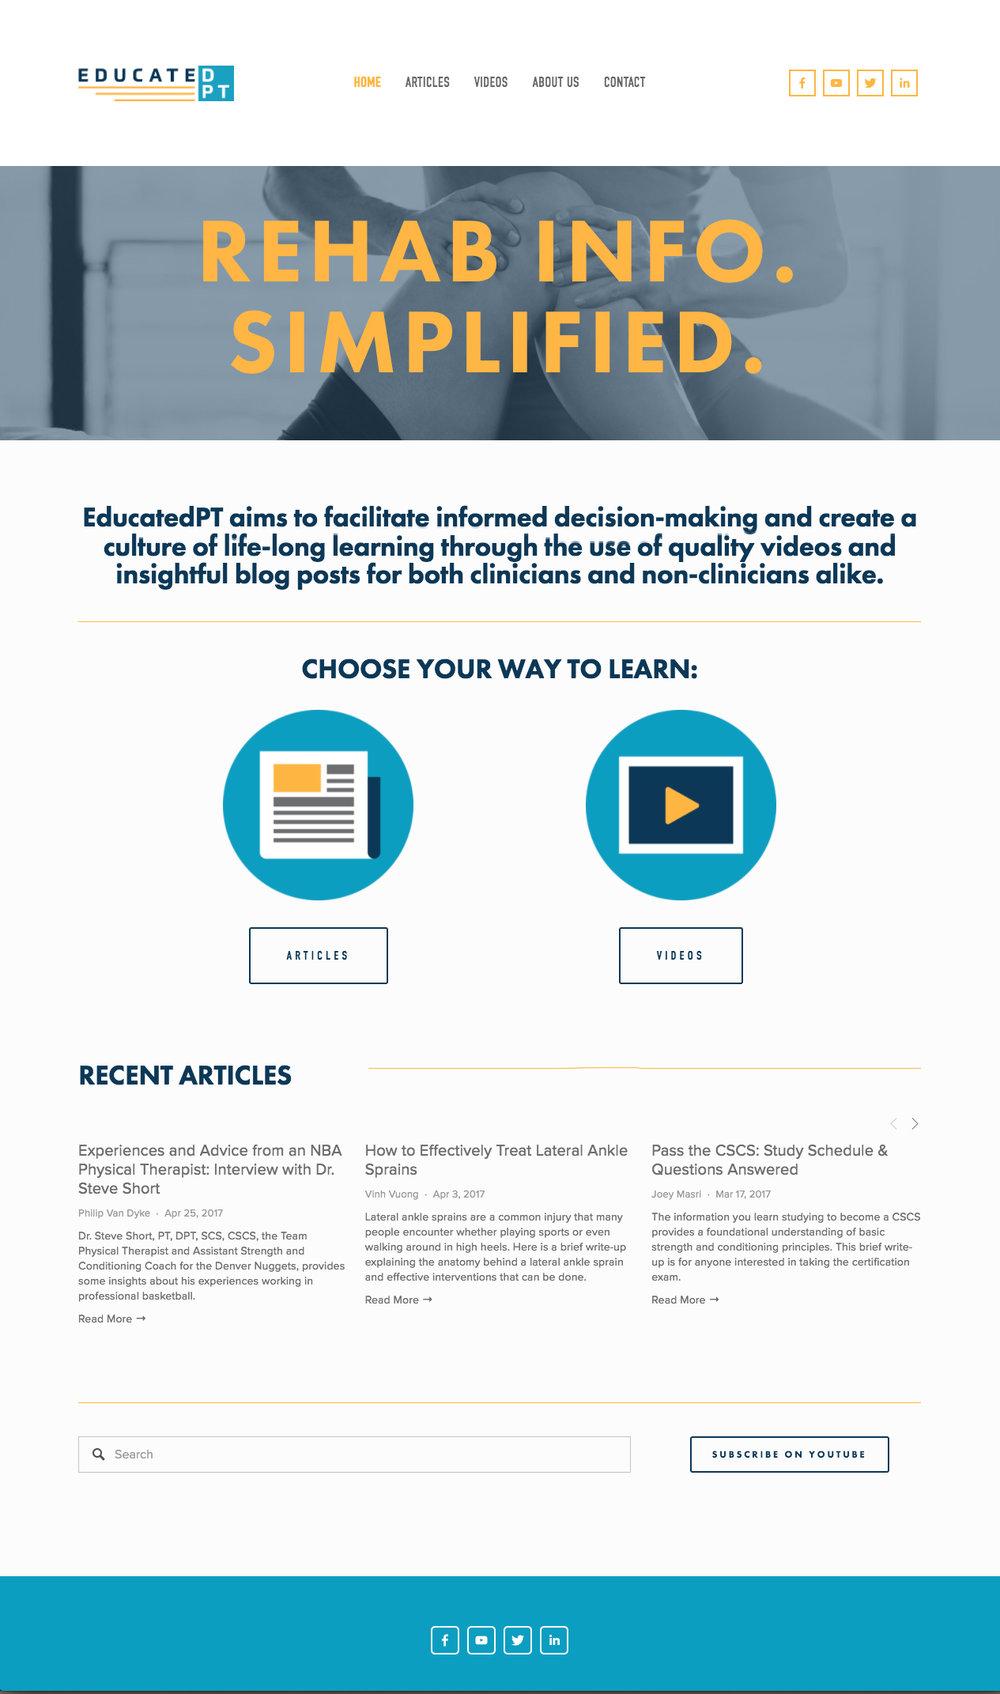 EducatedPT Homepage Image.jpg